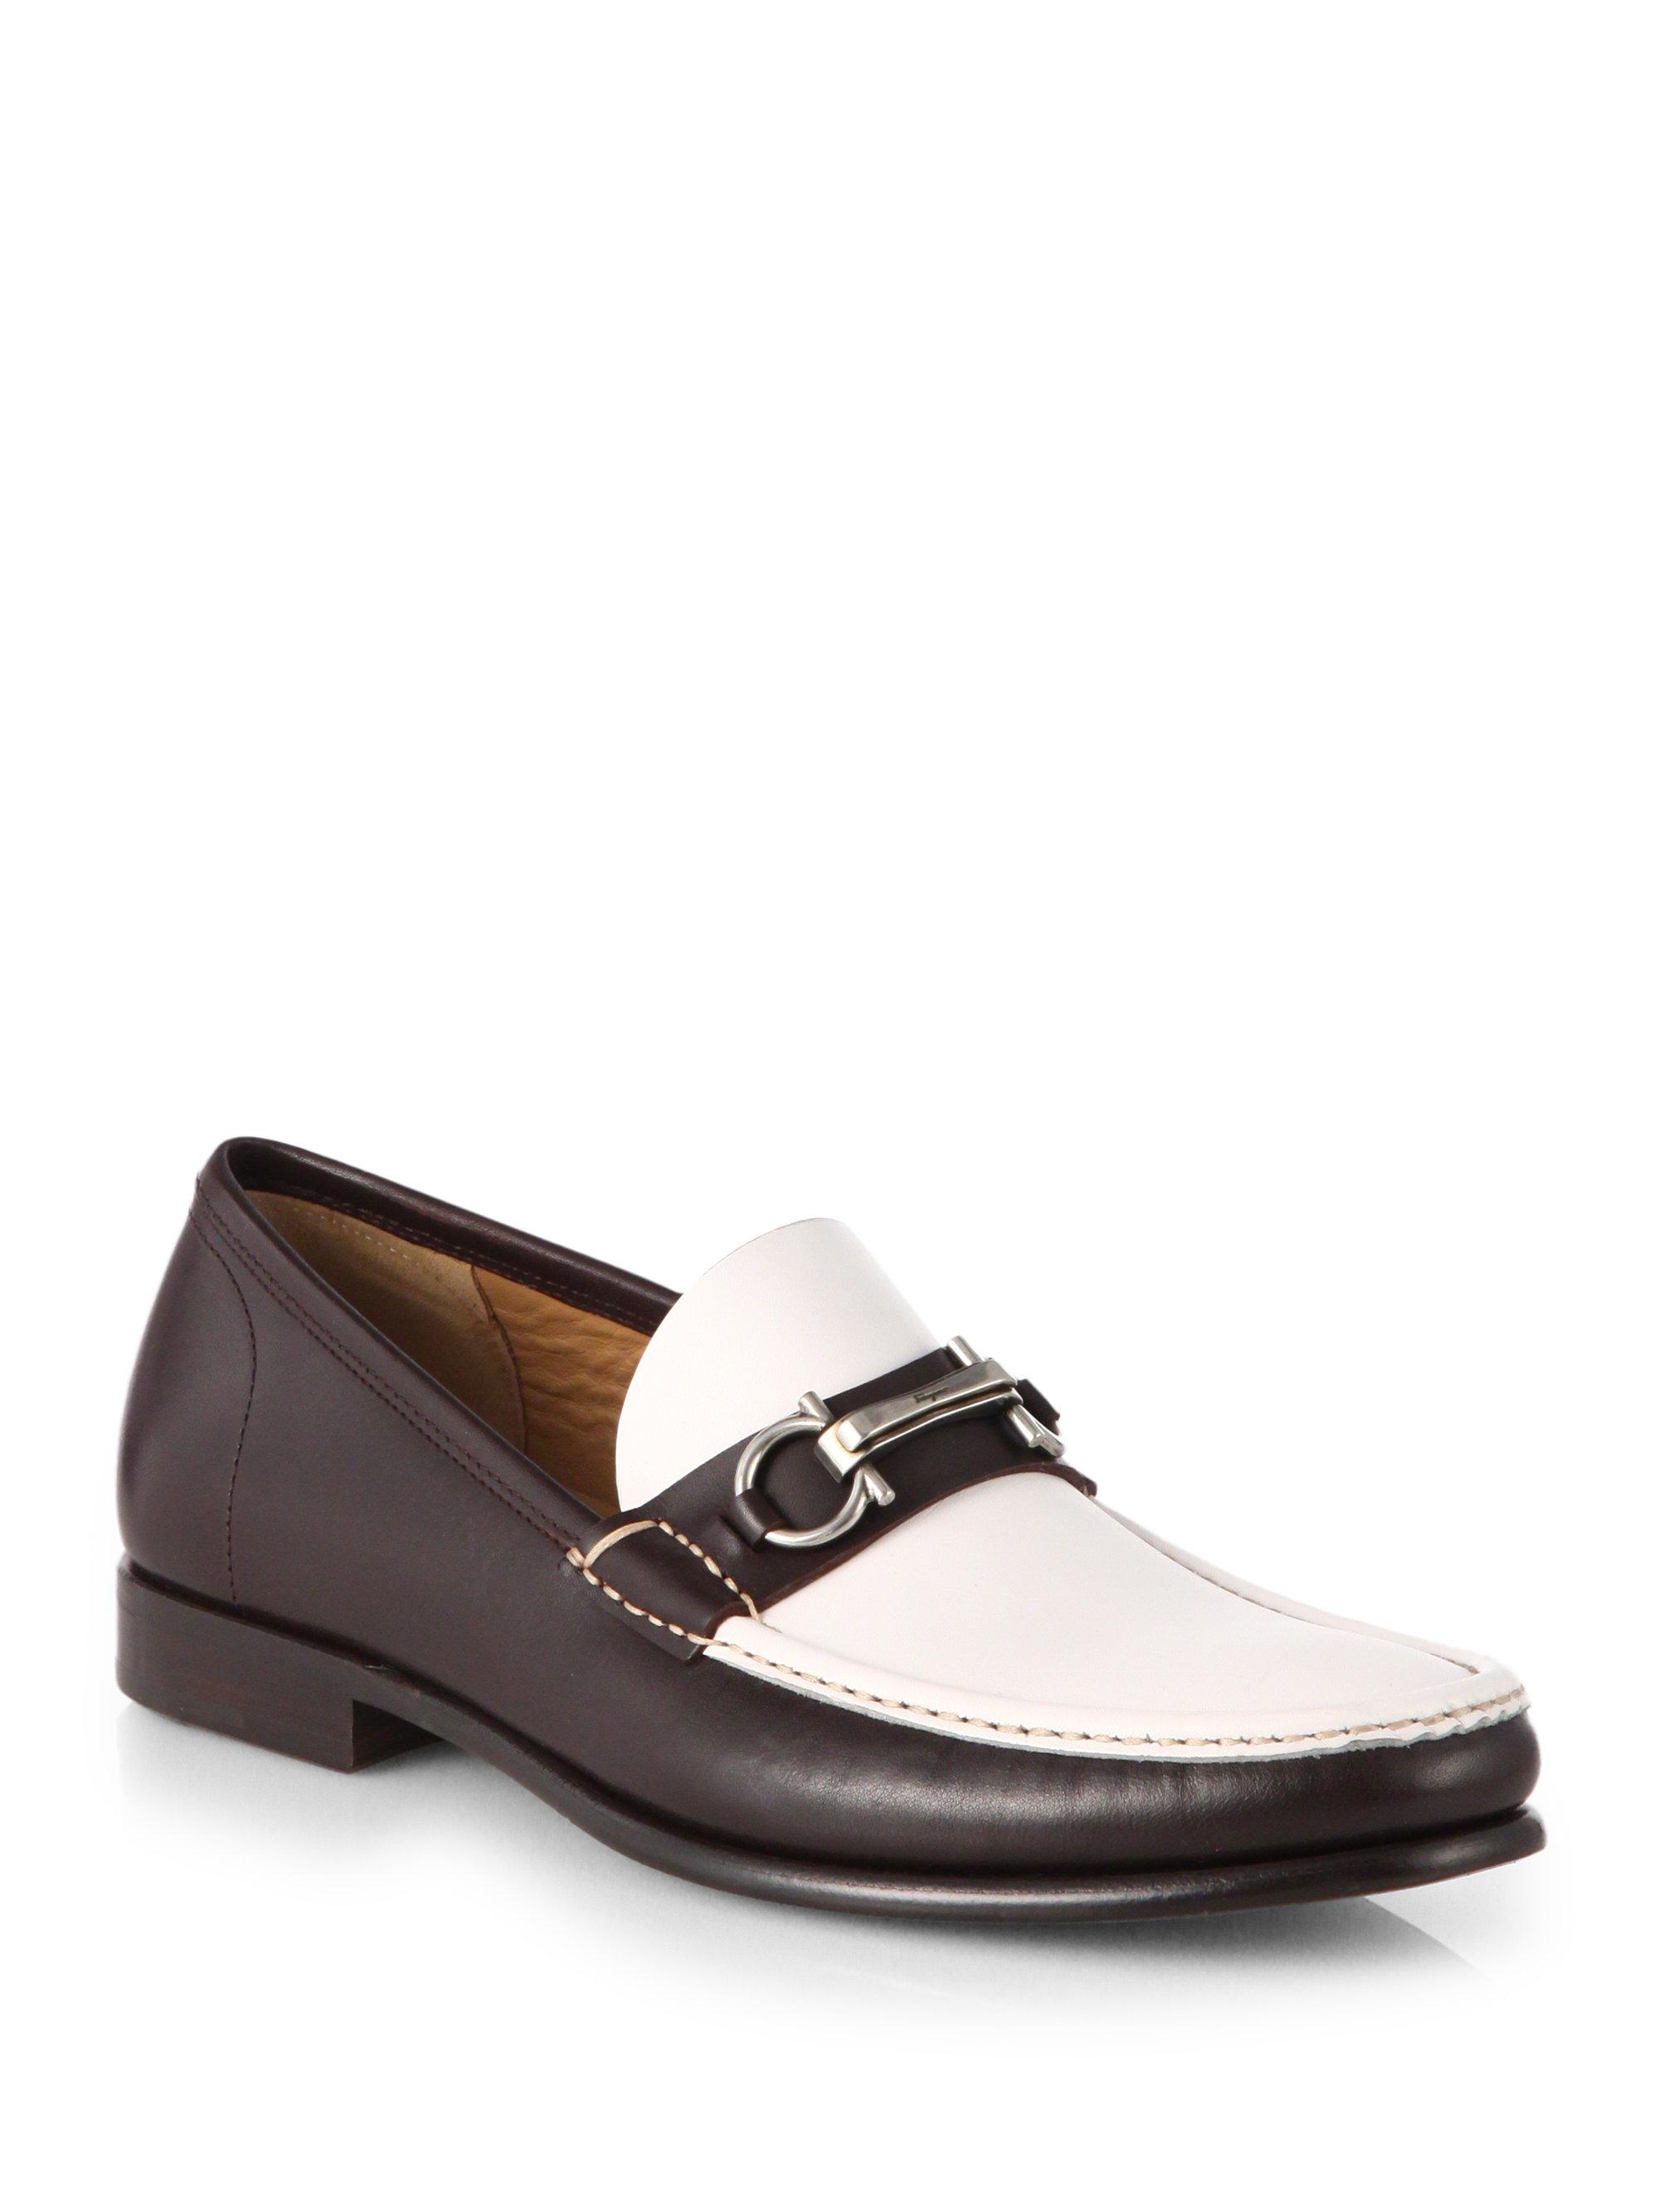 Lyst Ferragamo Raffaele Slip On Bit Loafers In Brown For Men